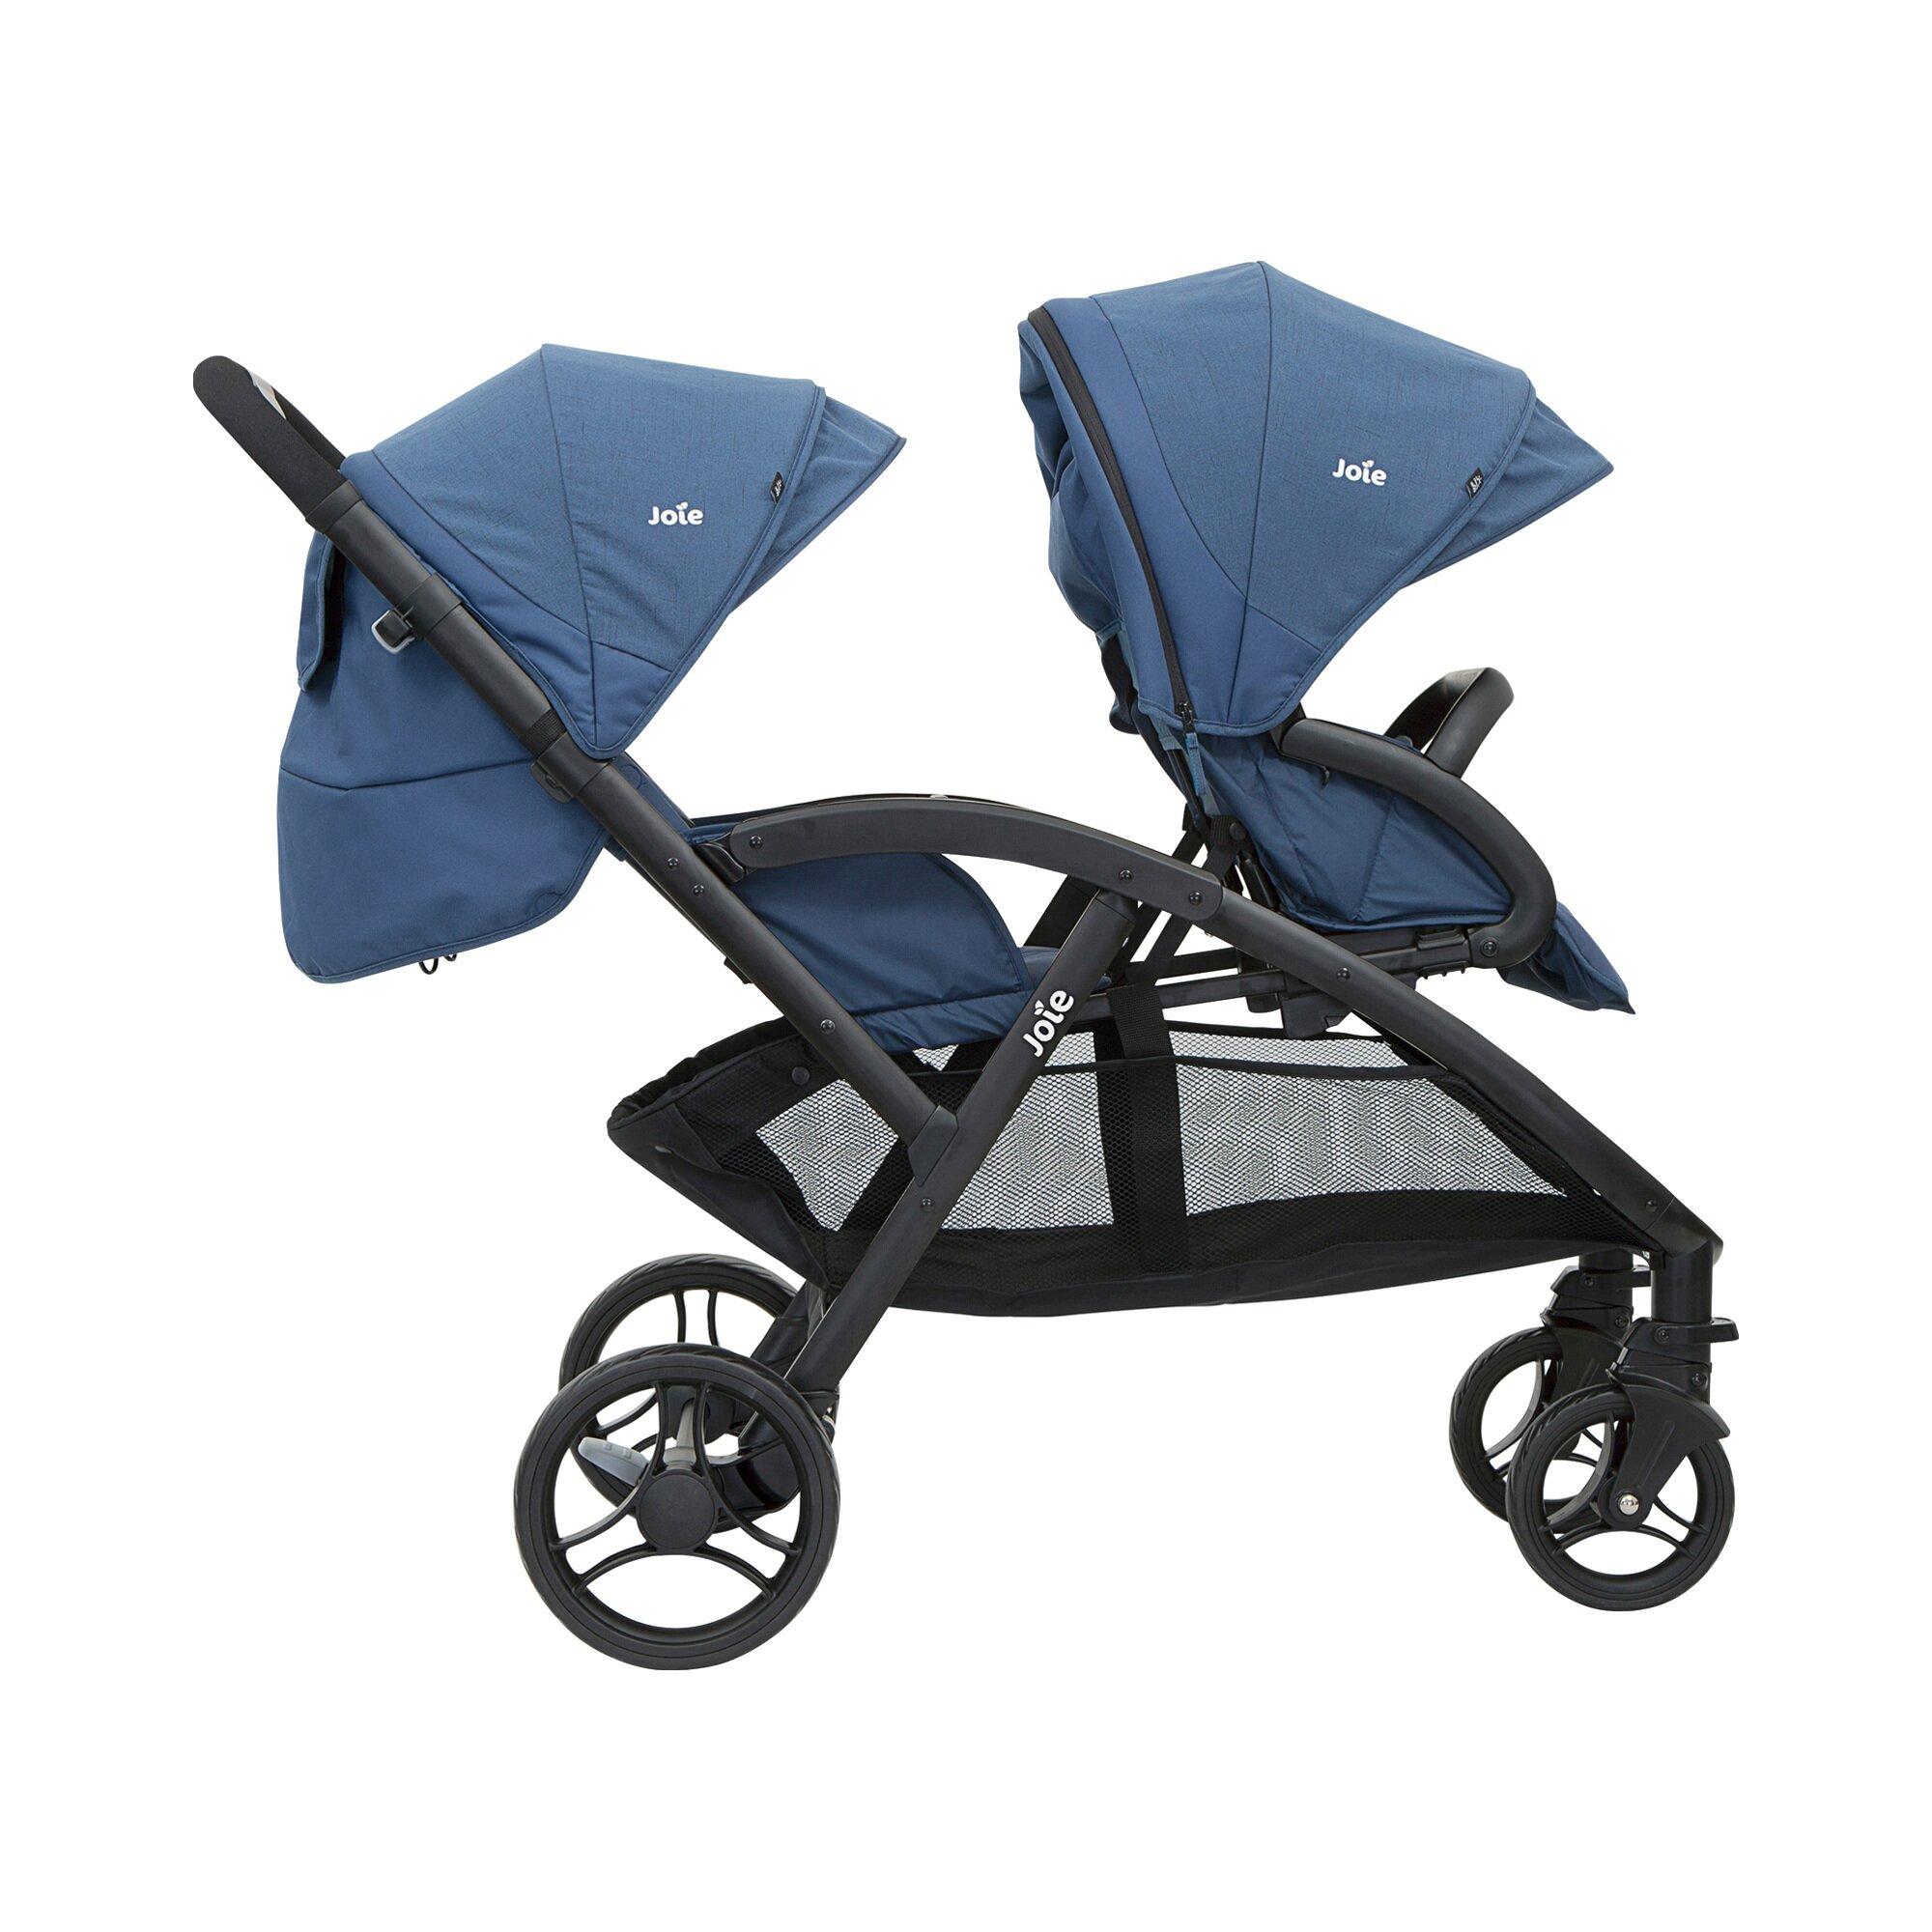 joie-evalite-duo-zwillings-und-kinderwagen-geschwisterwagen-blau